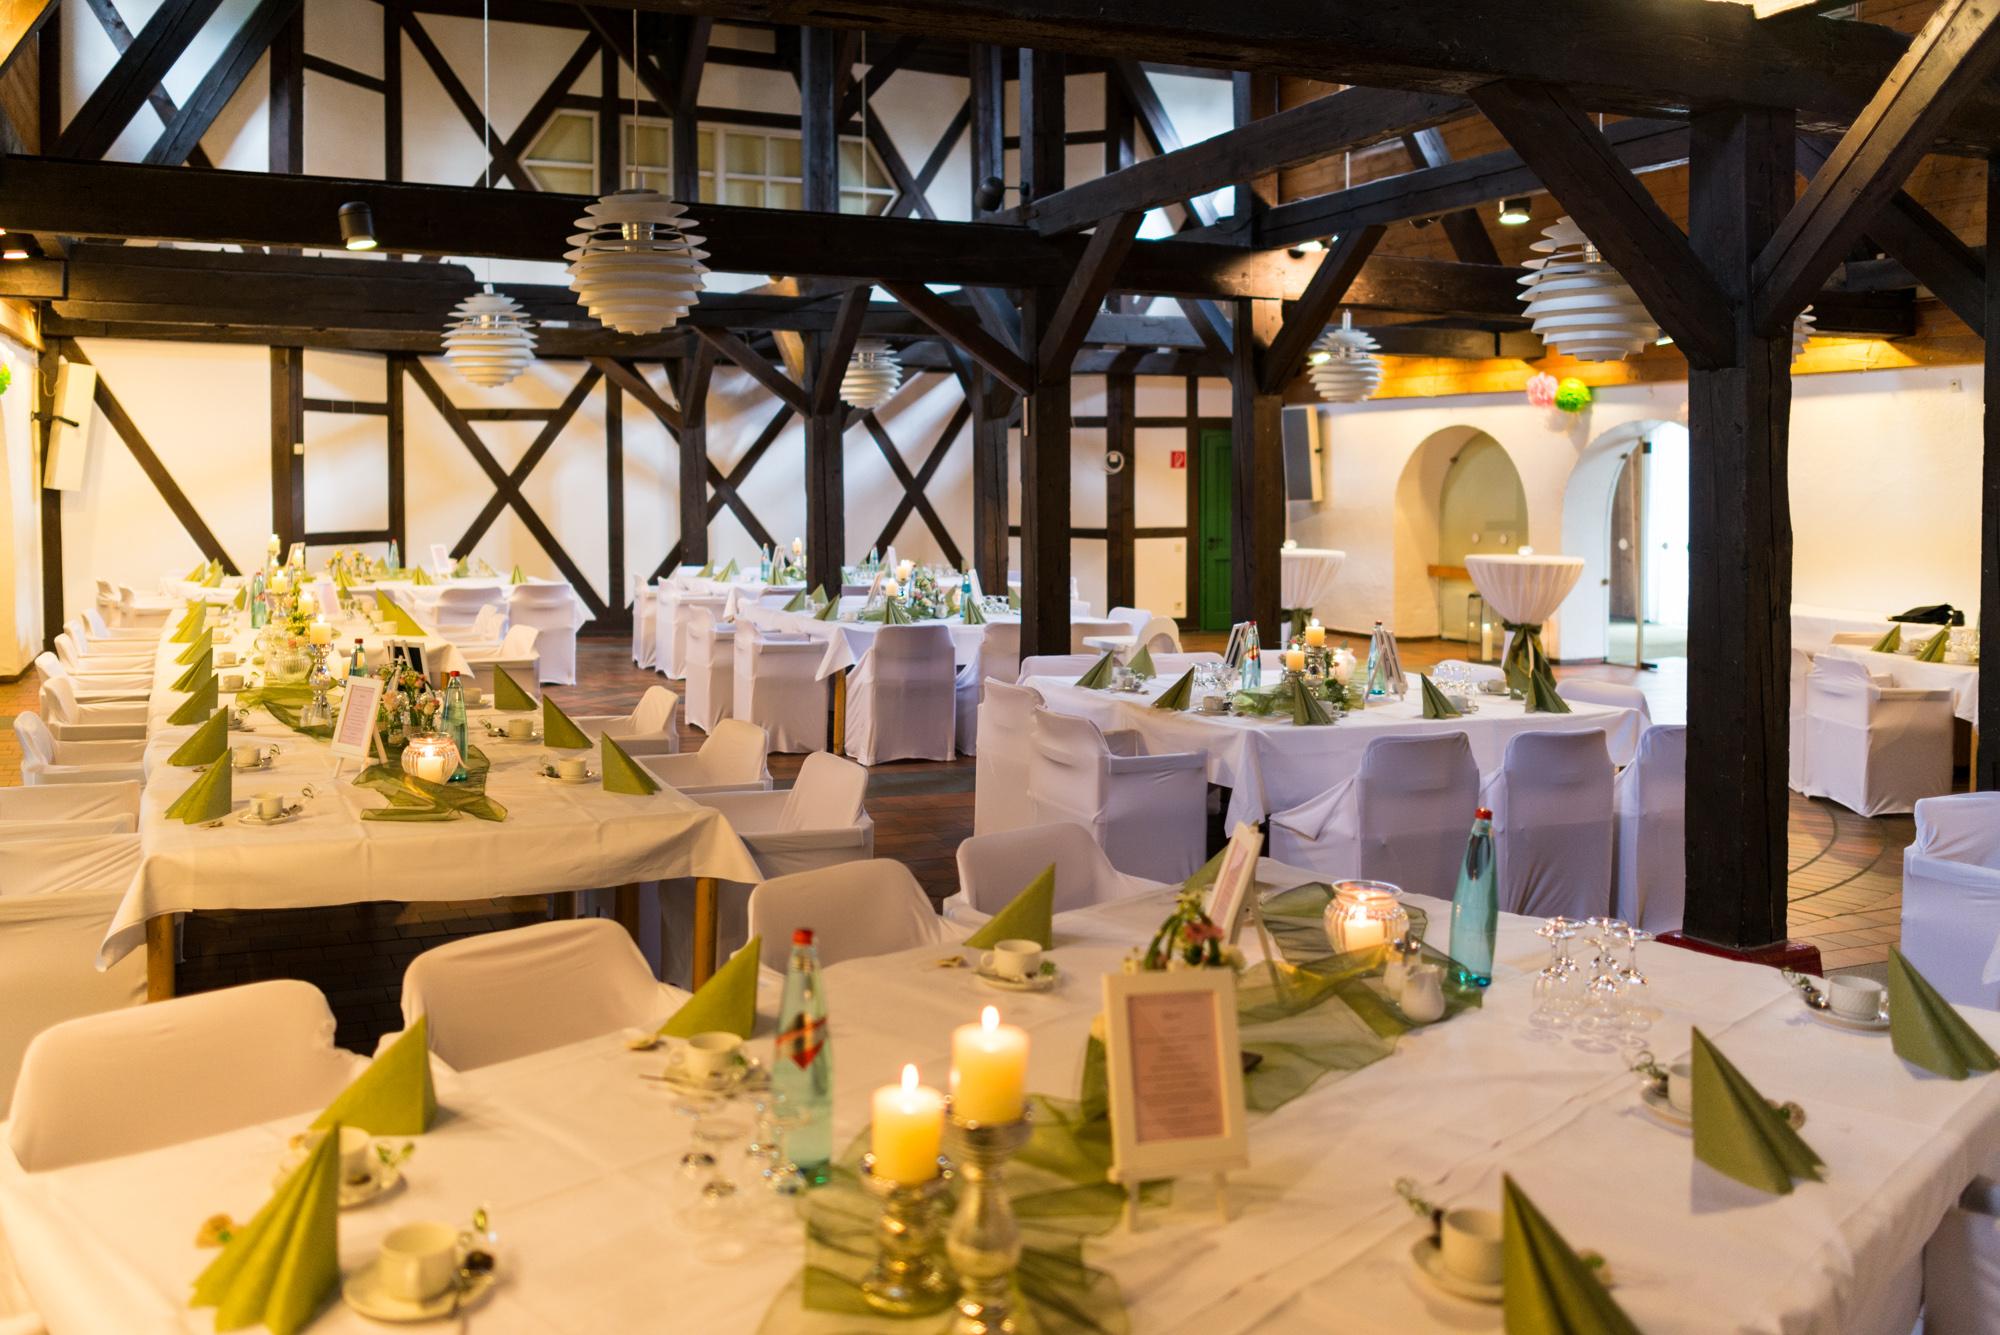 Fotograf Konstanz - Als Hochzeitsfotograf in Bad Dürrheim unterwegs  - 51 -